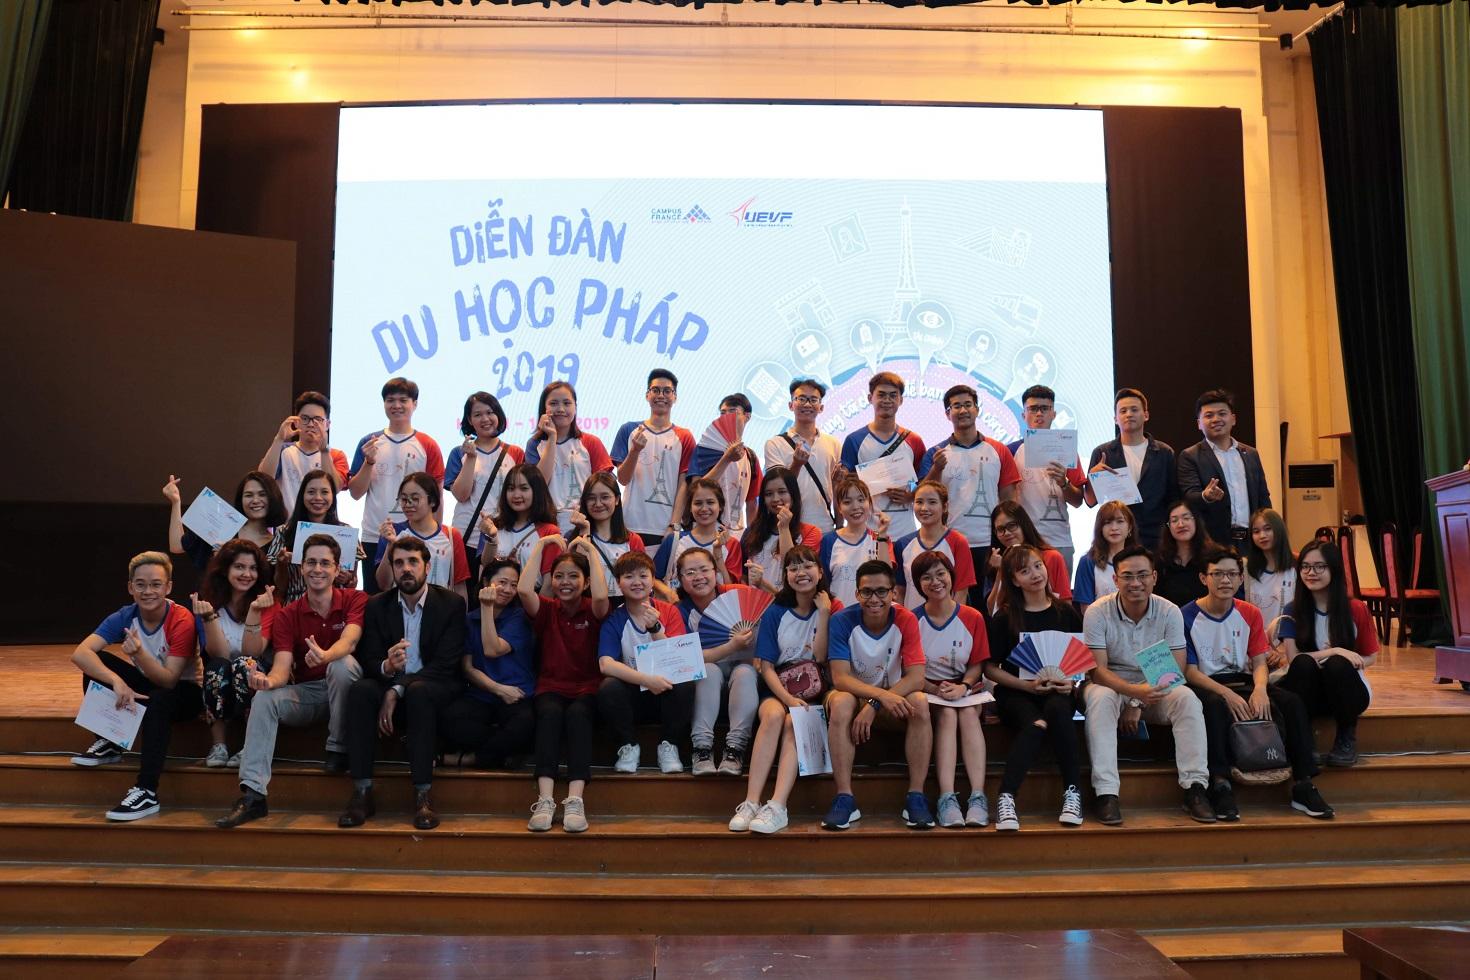 Dien-dan-du-hoc-Phap-04